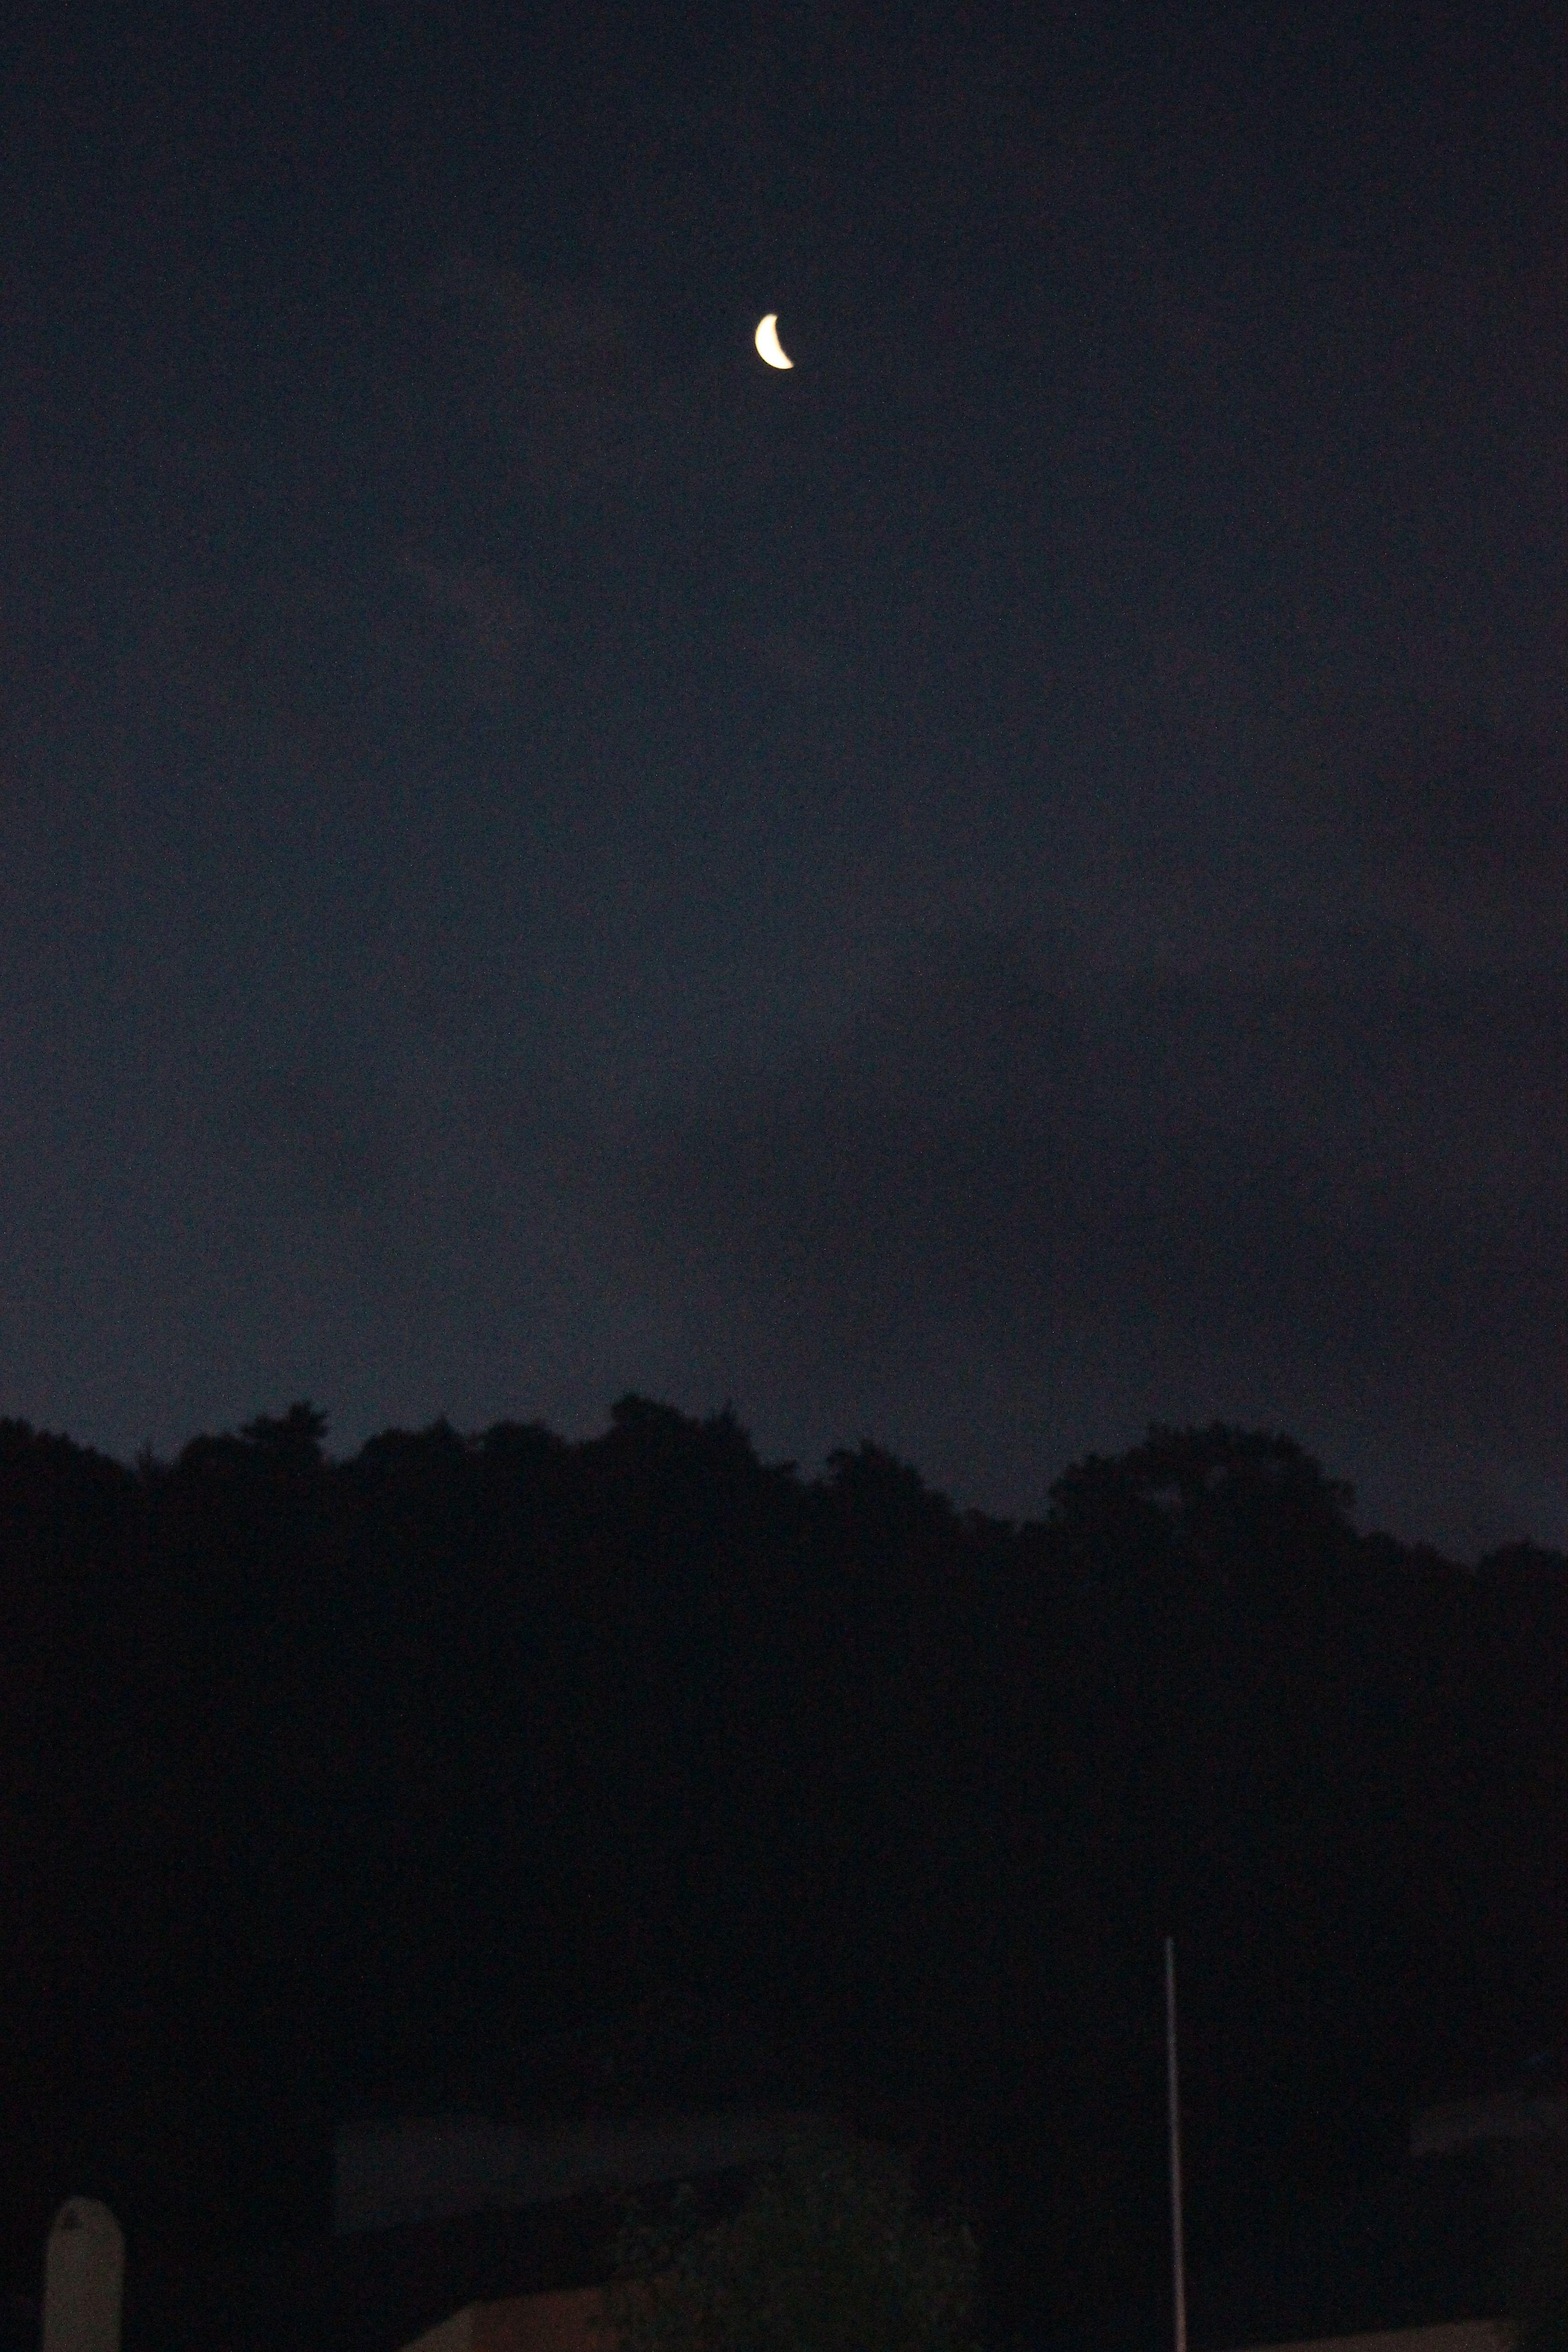 Gambar Hutan Awan Fajar Suasana Senja Kegelapan Lampu Jalan